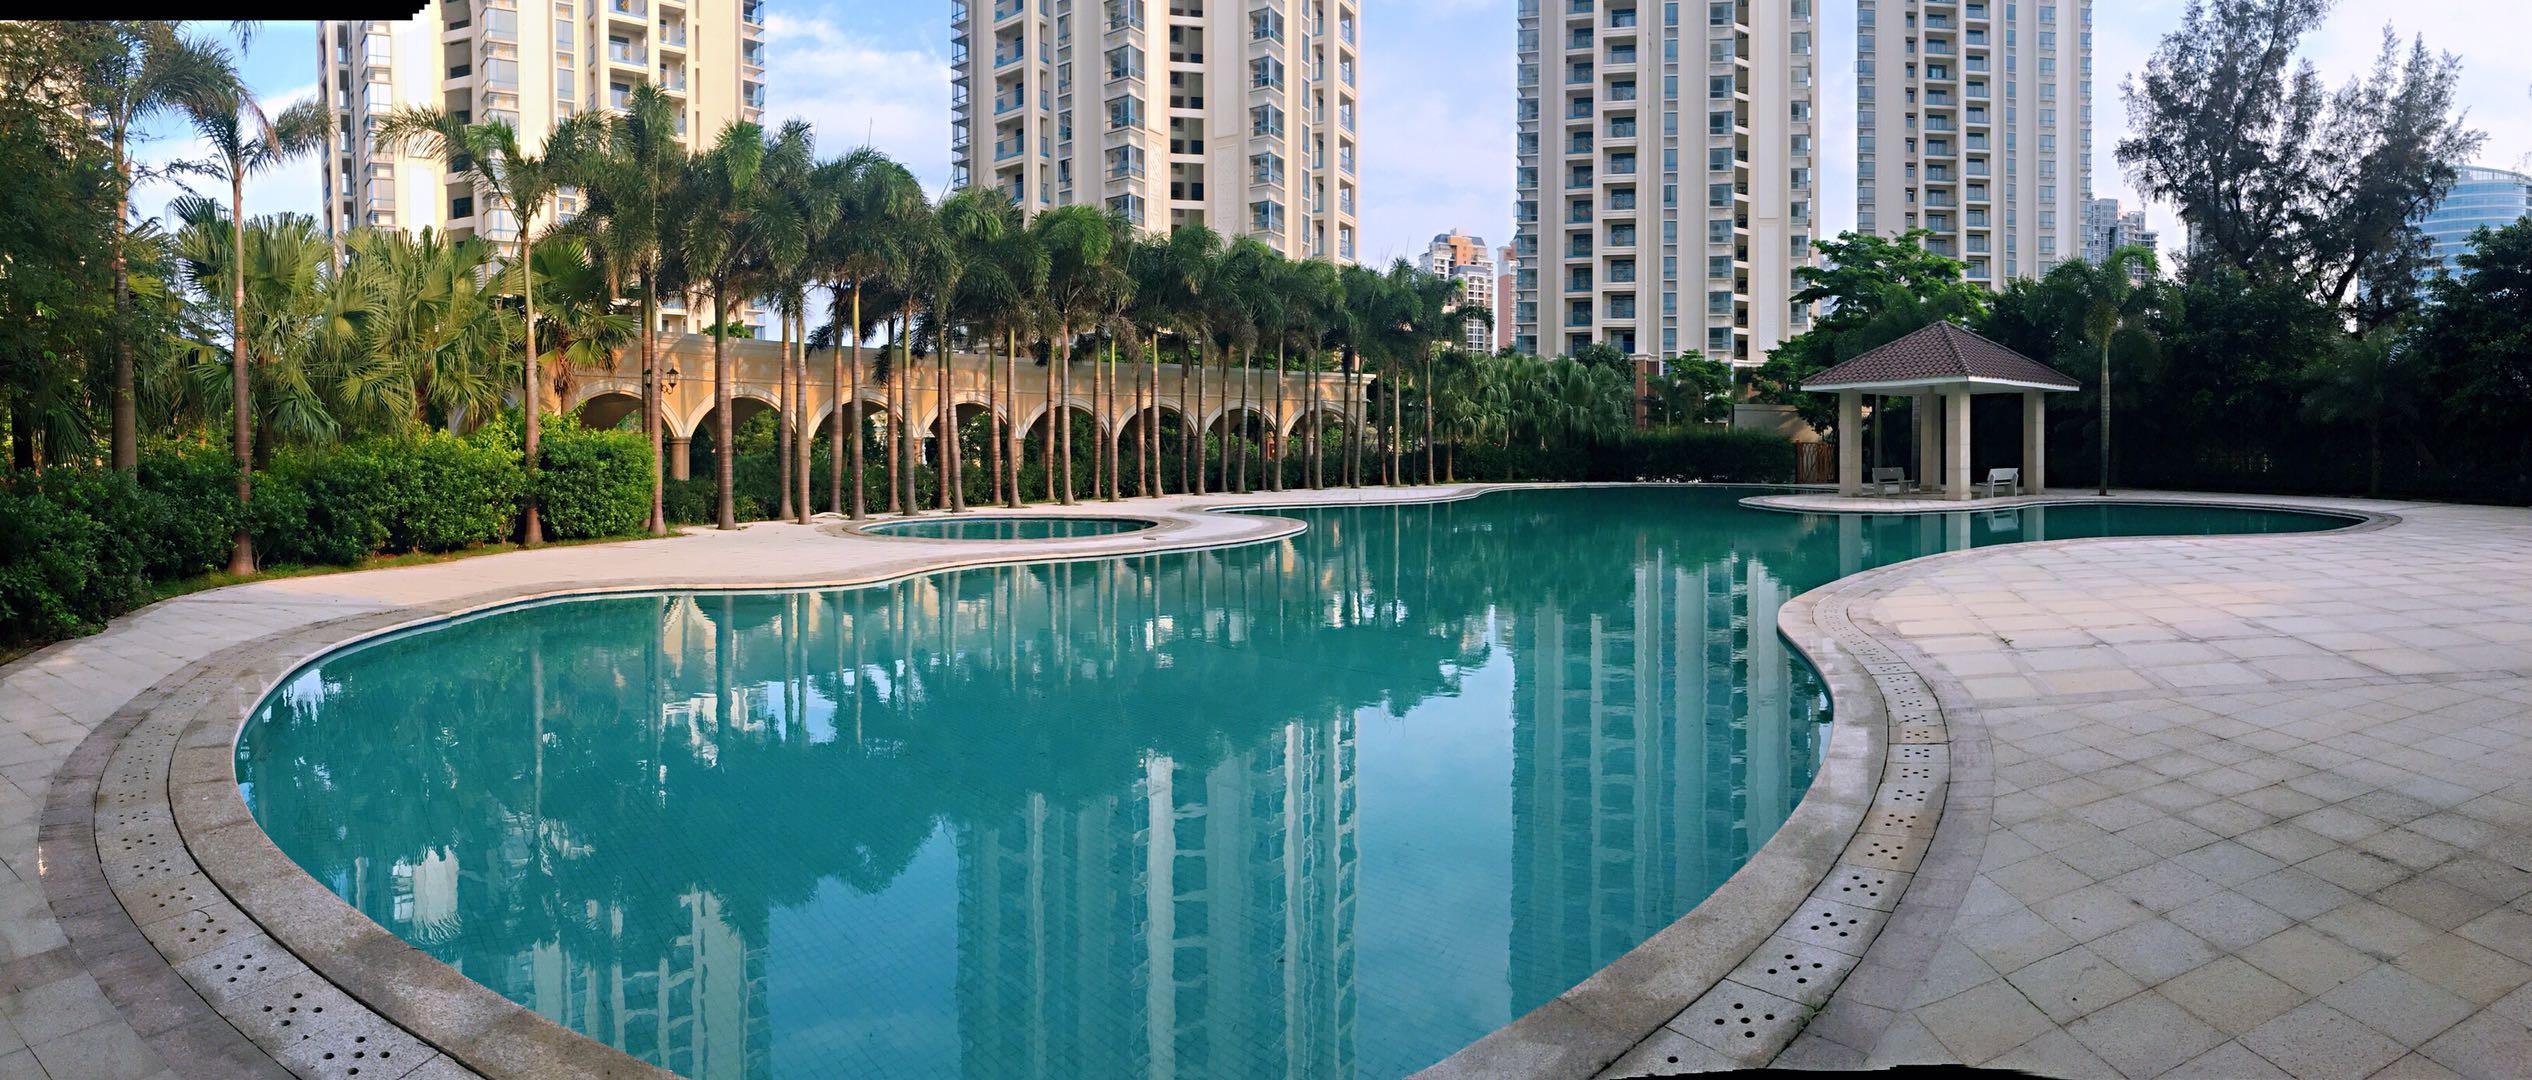 海逸豪园小区配套-泳池